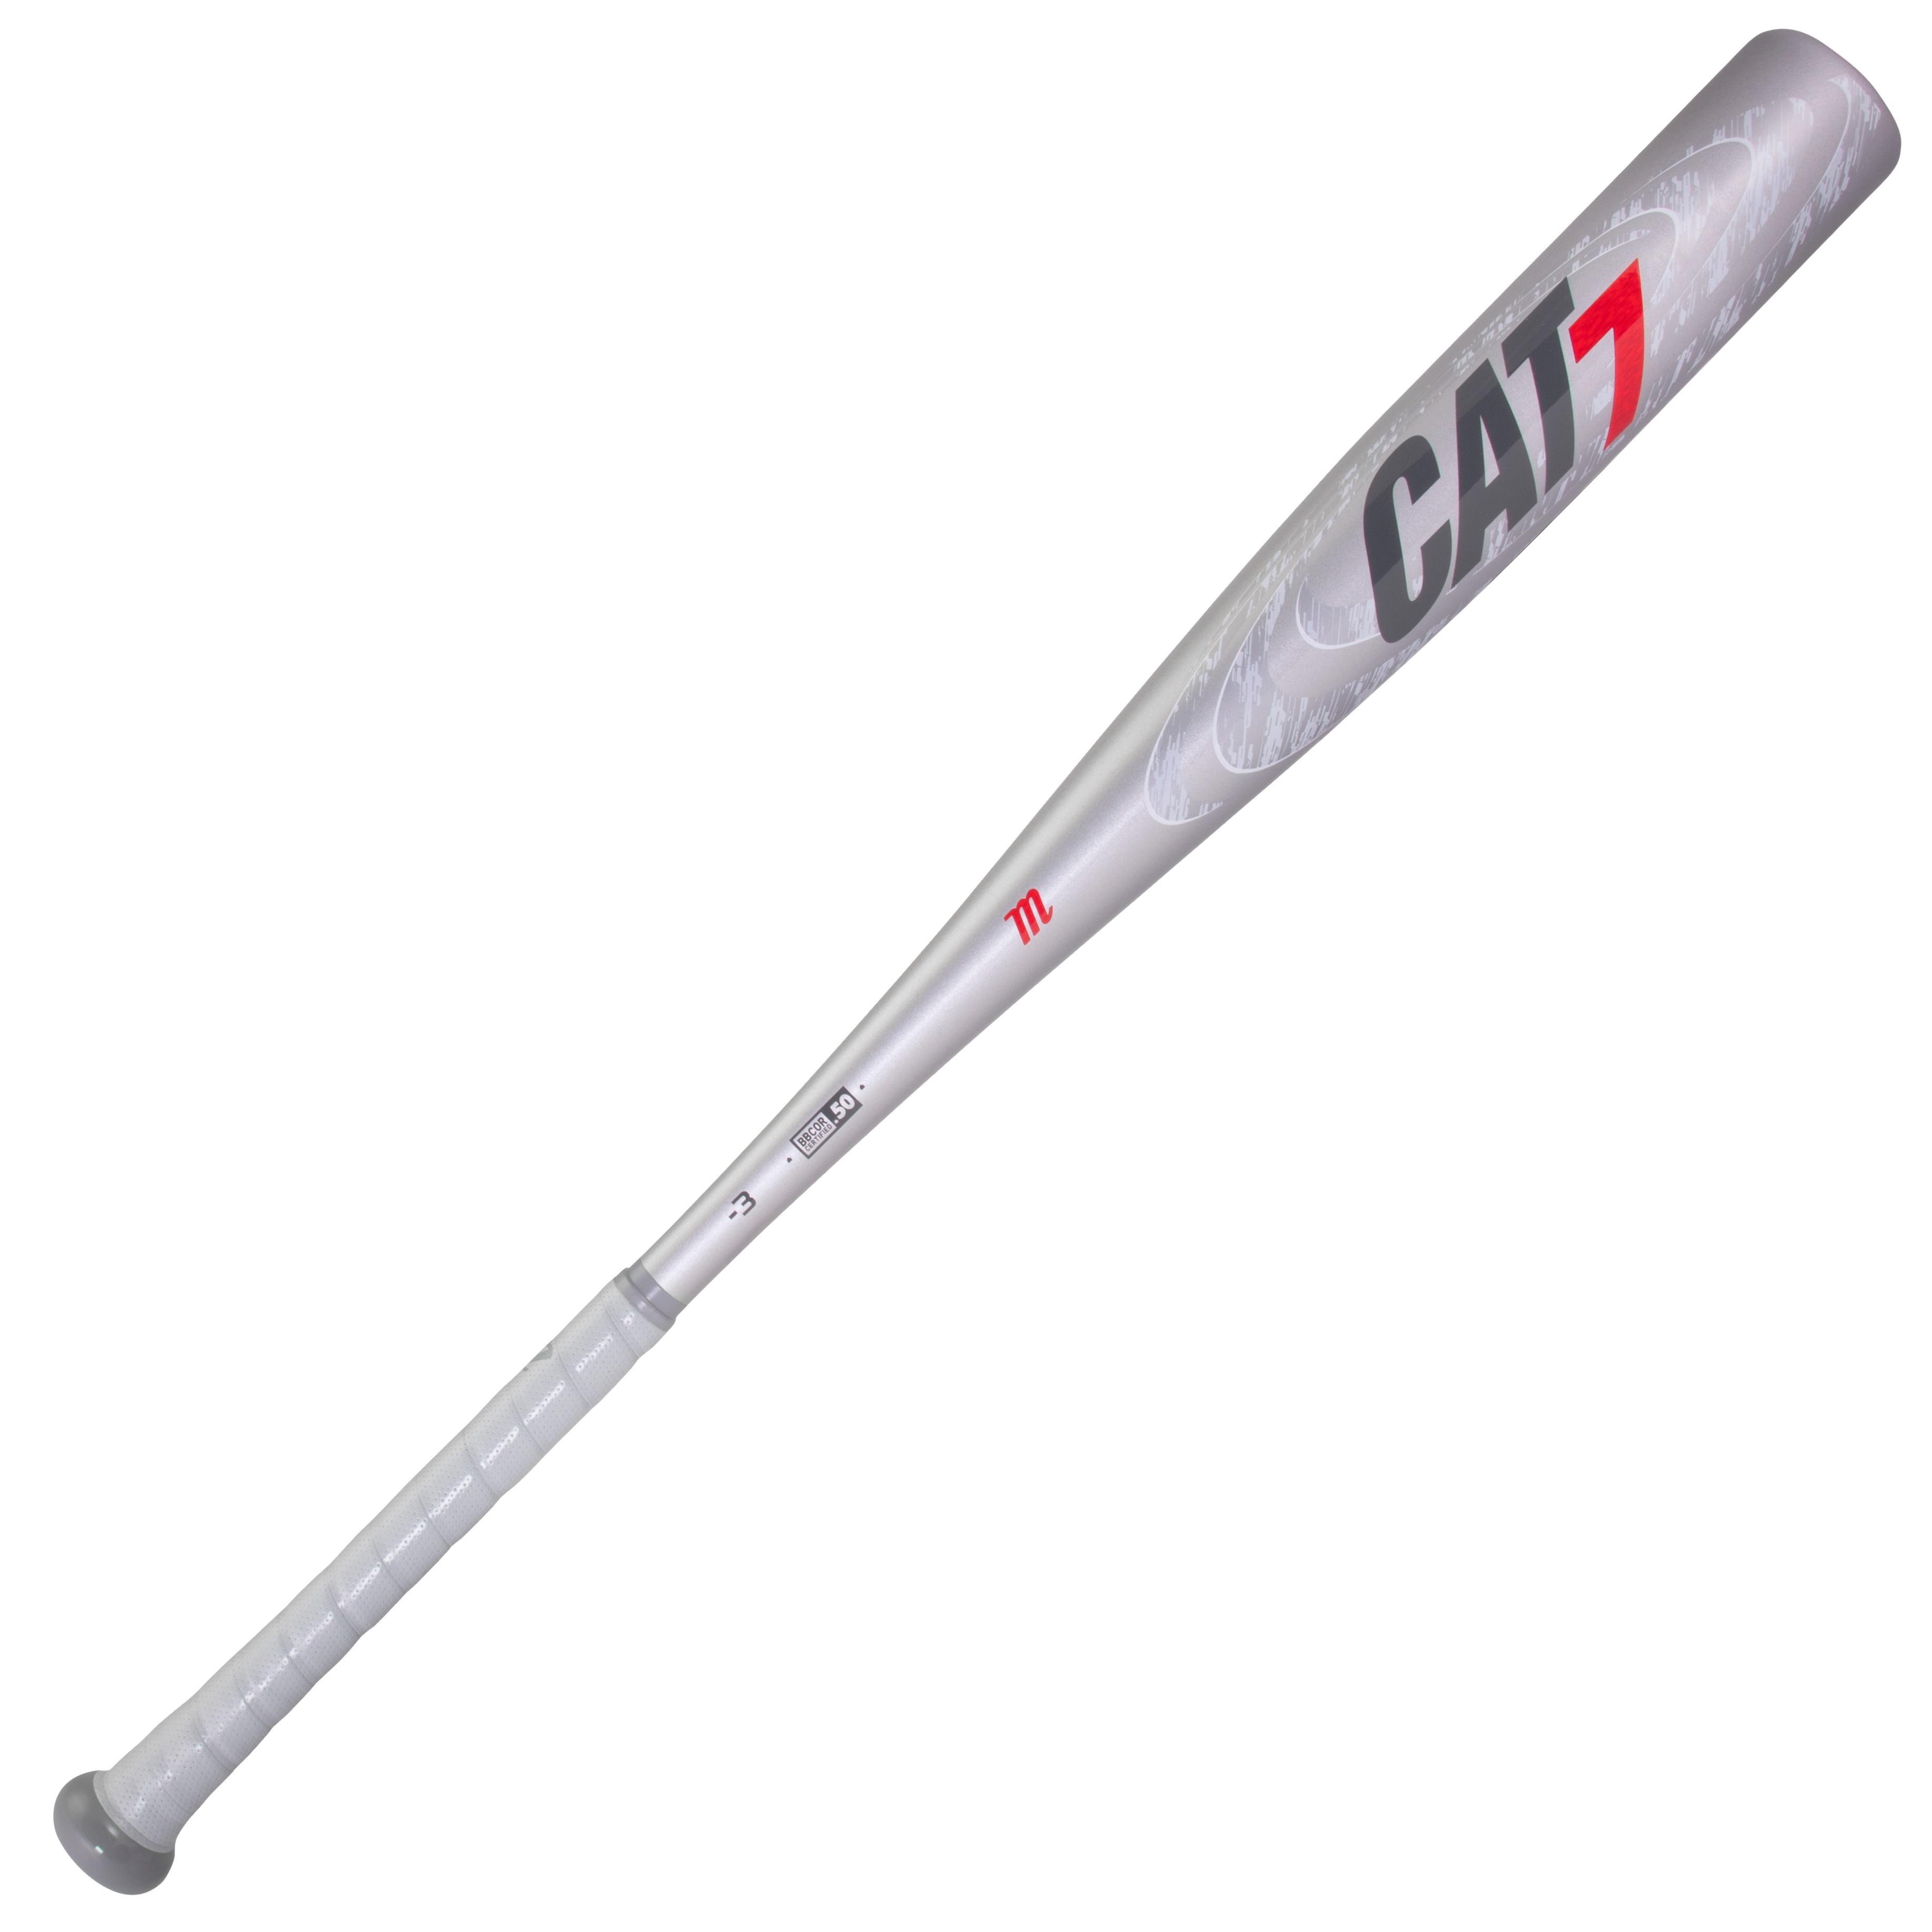 marucci-cat7-silver-3-bbcor-baseball-bat-31-inch-28-oz MCBC72S-3128 Marucci